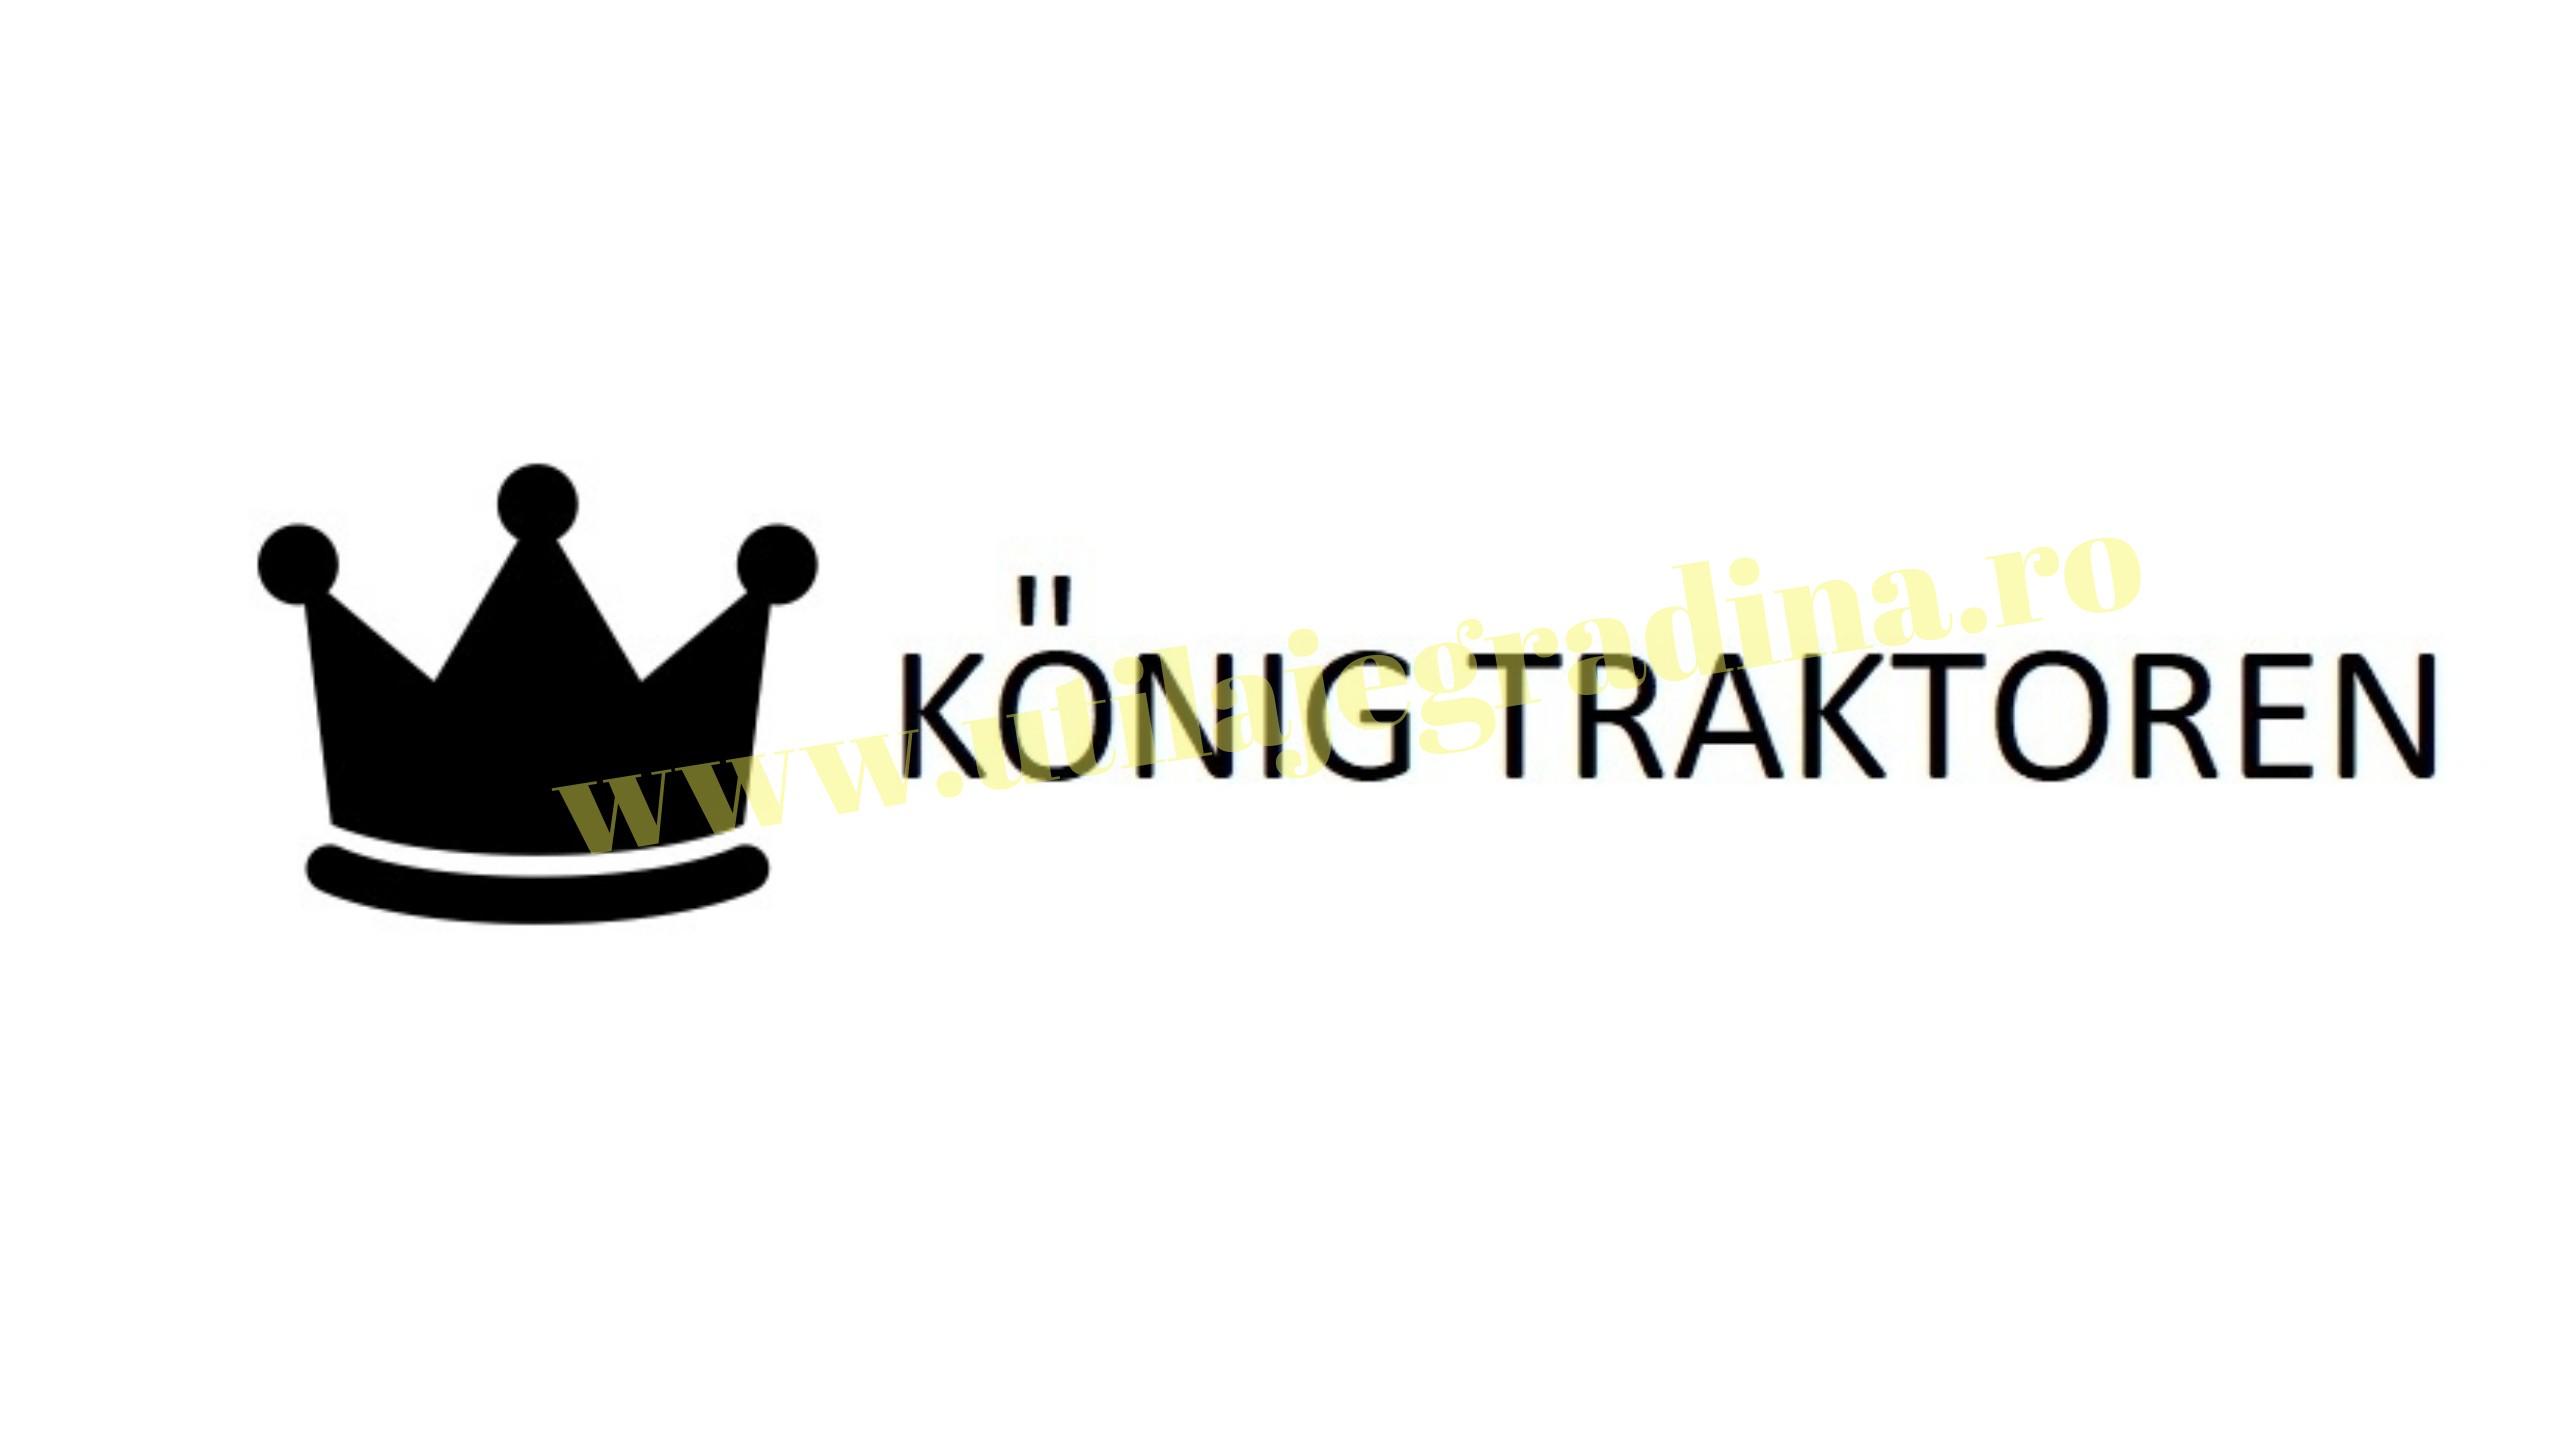 Koning Traktoren